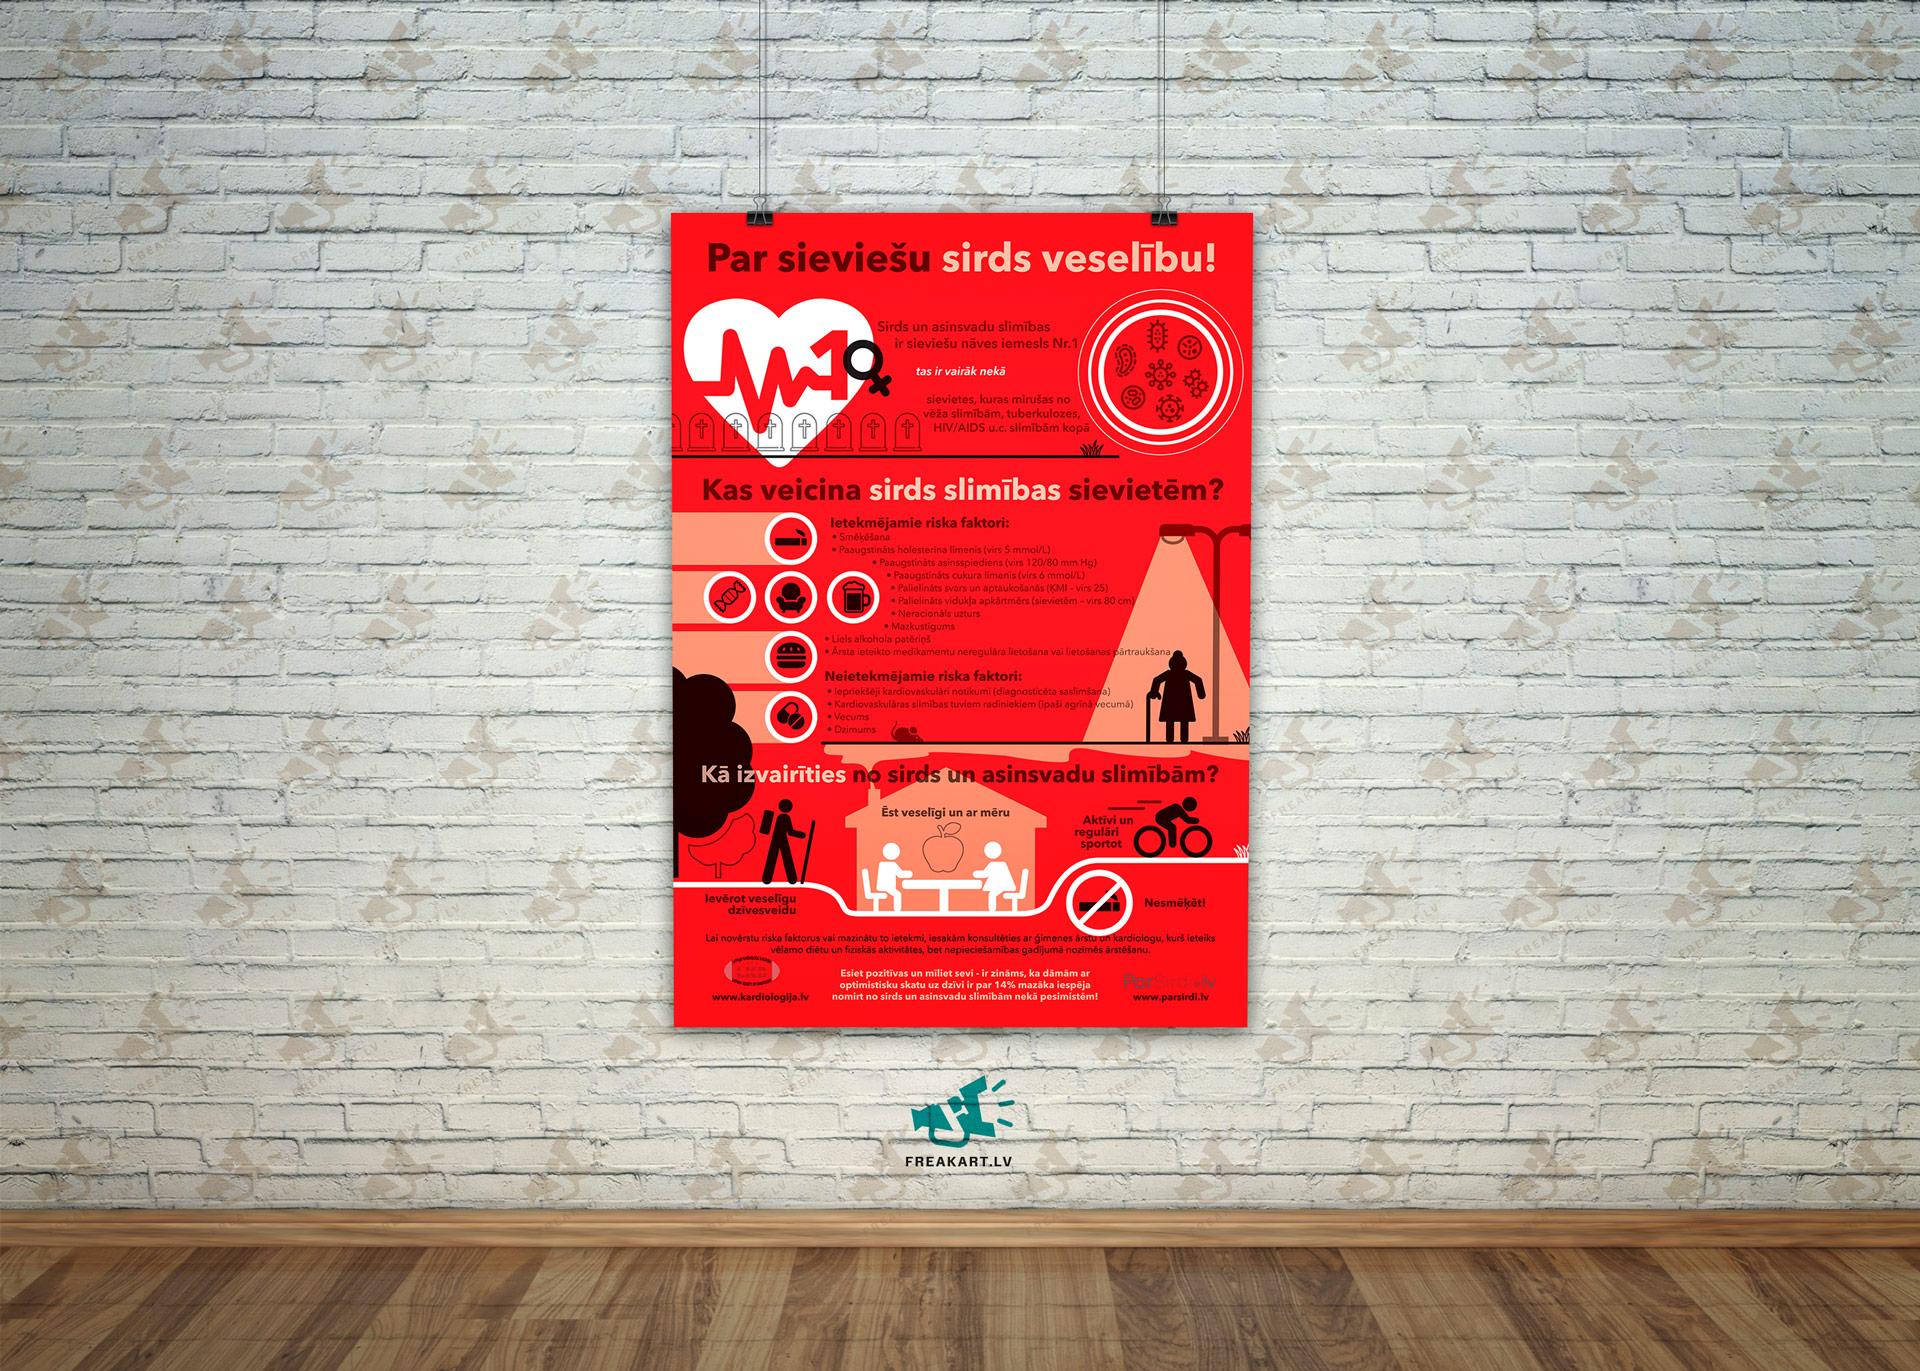 Par sieviešu sirds veselību! infografikas plakāta dizains.